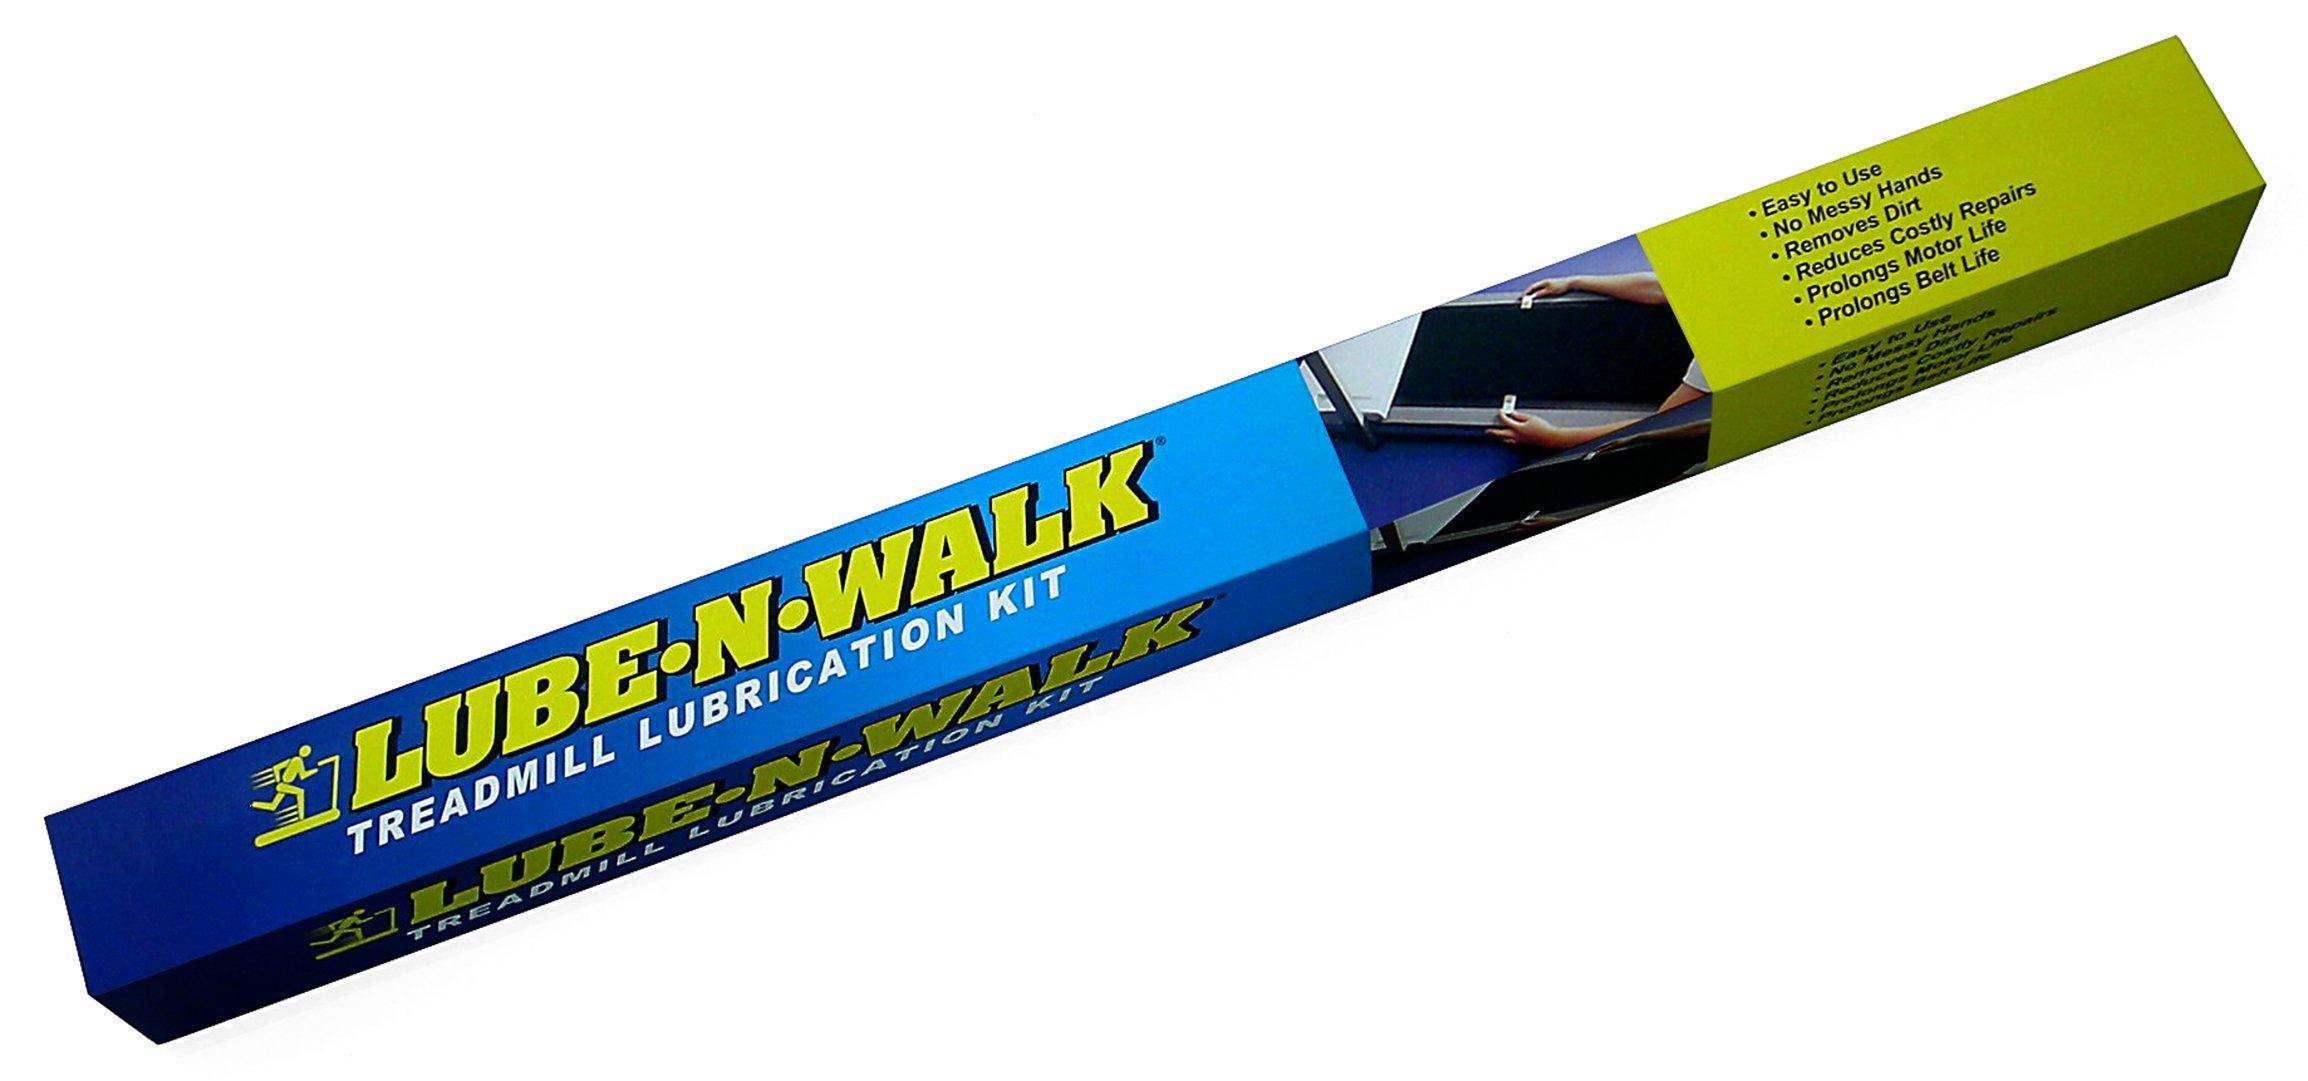 Lube-N-Walk Treadmill Lubrication Kit